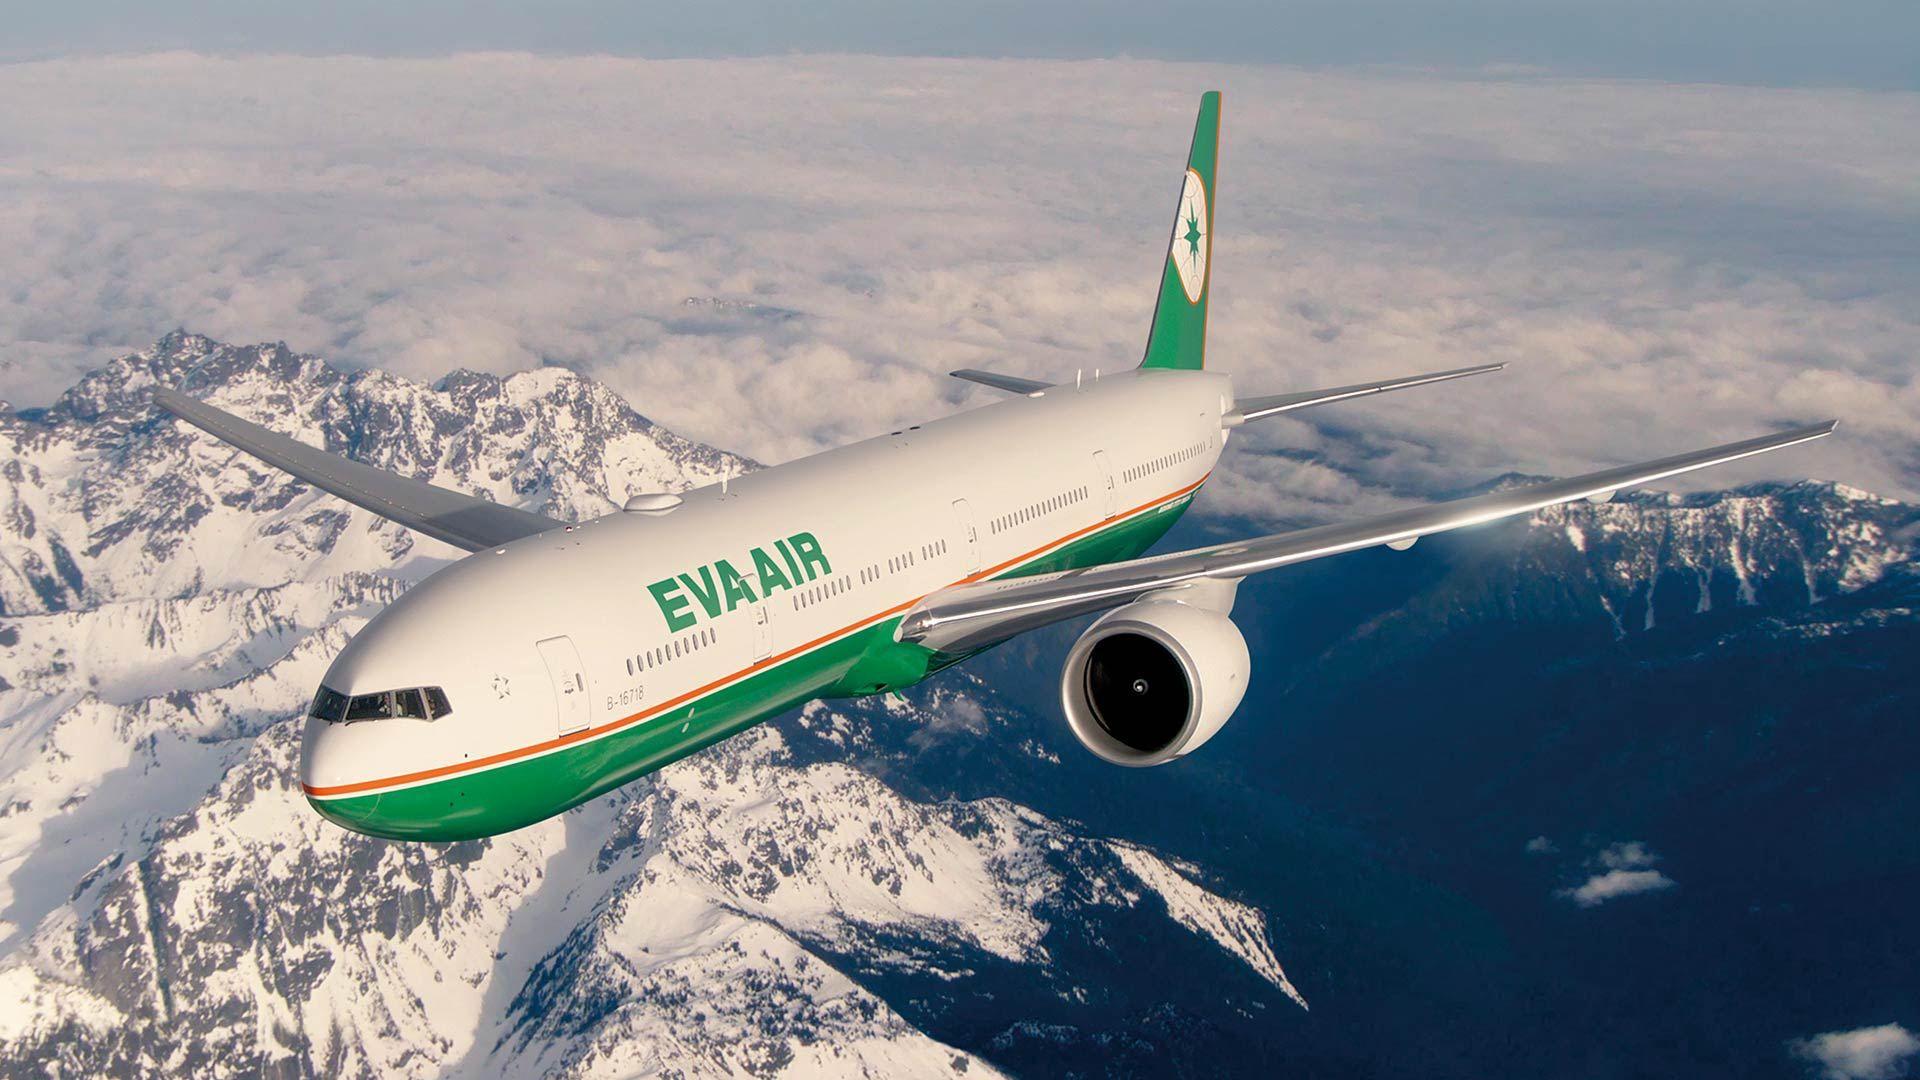 長榮航空美國出發前往亞洲的豪經艙c. 存放加拿大航空 想要升等的朋友,可以將哩程存放在加拿大航空,因為只要